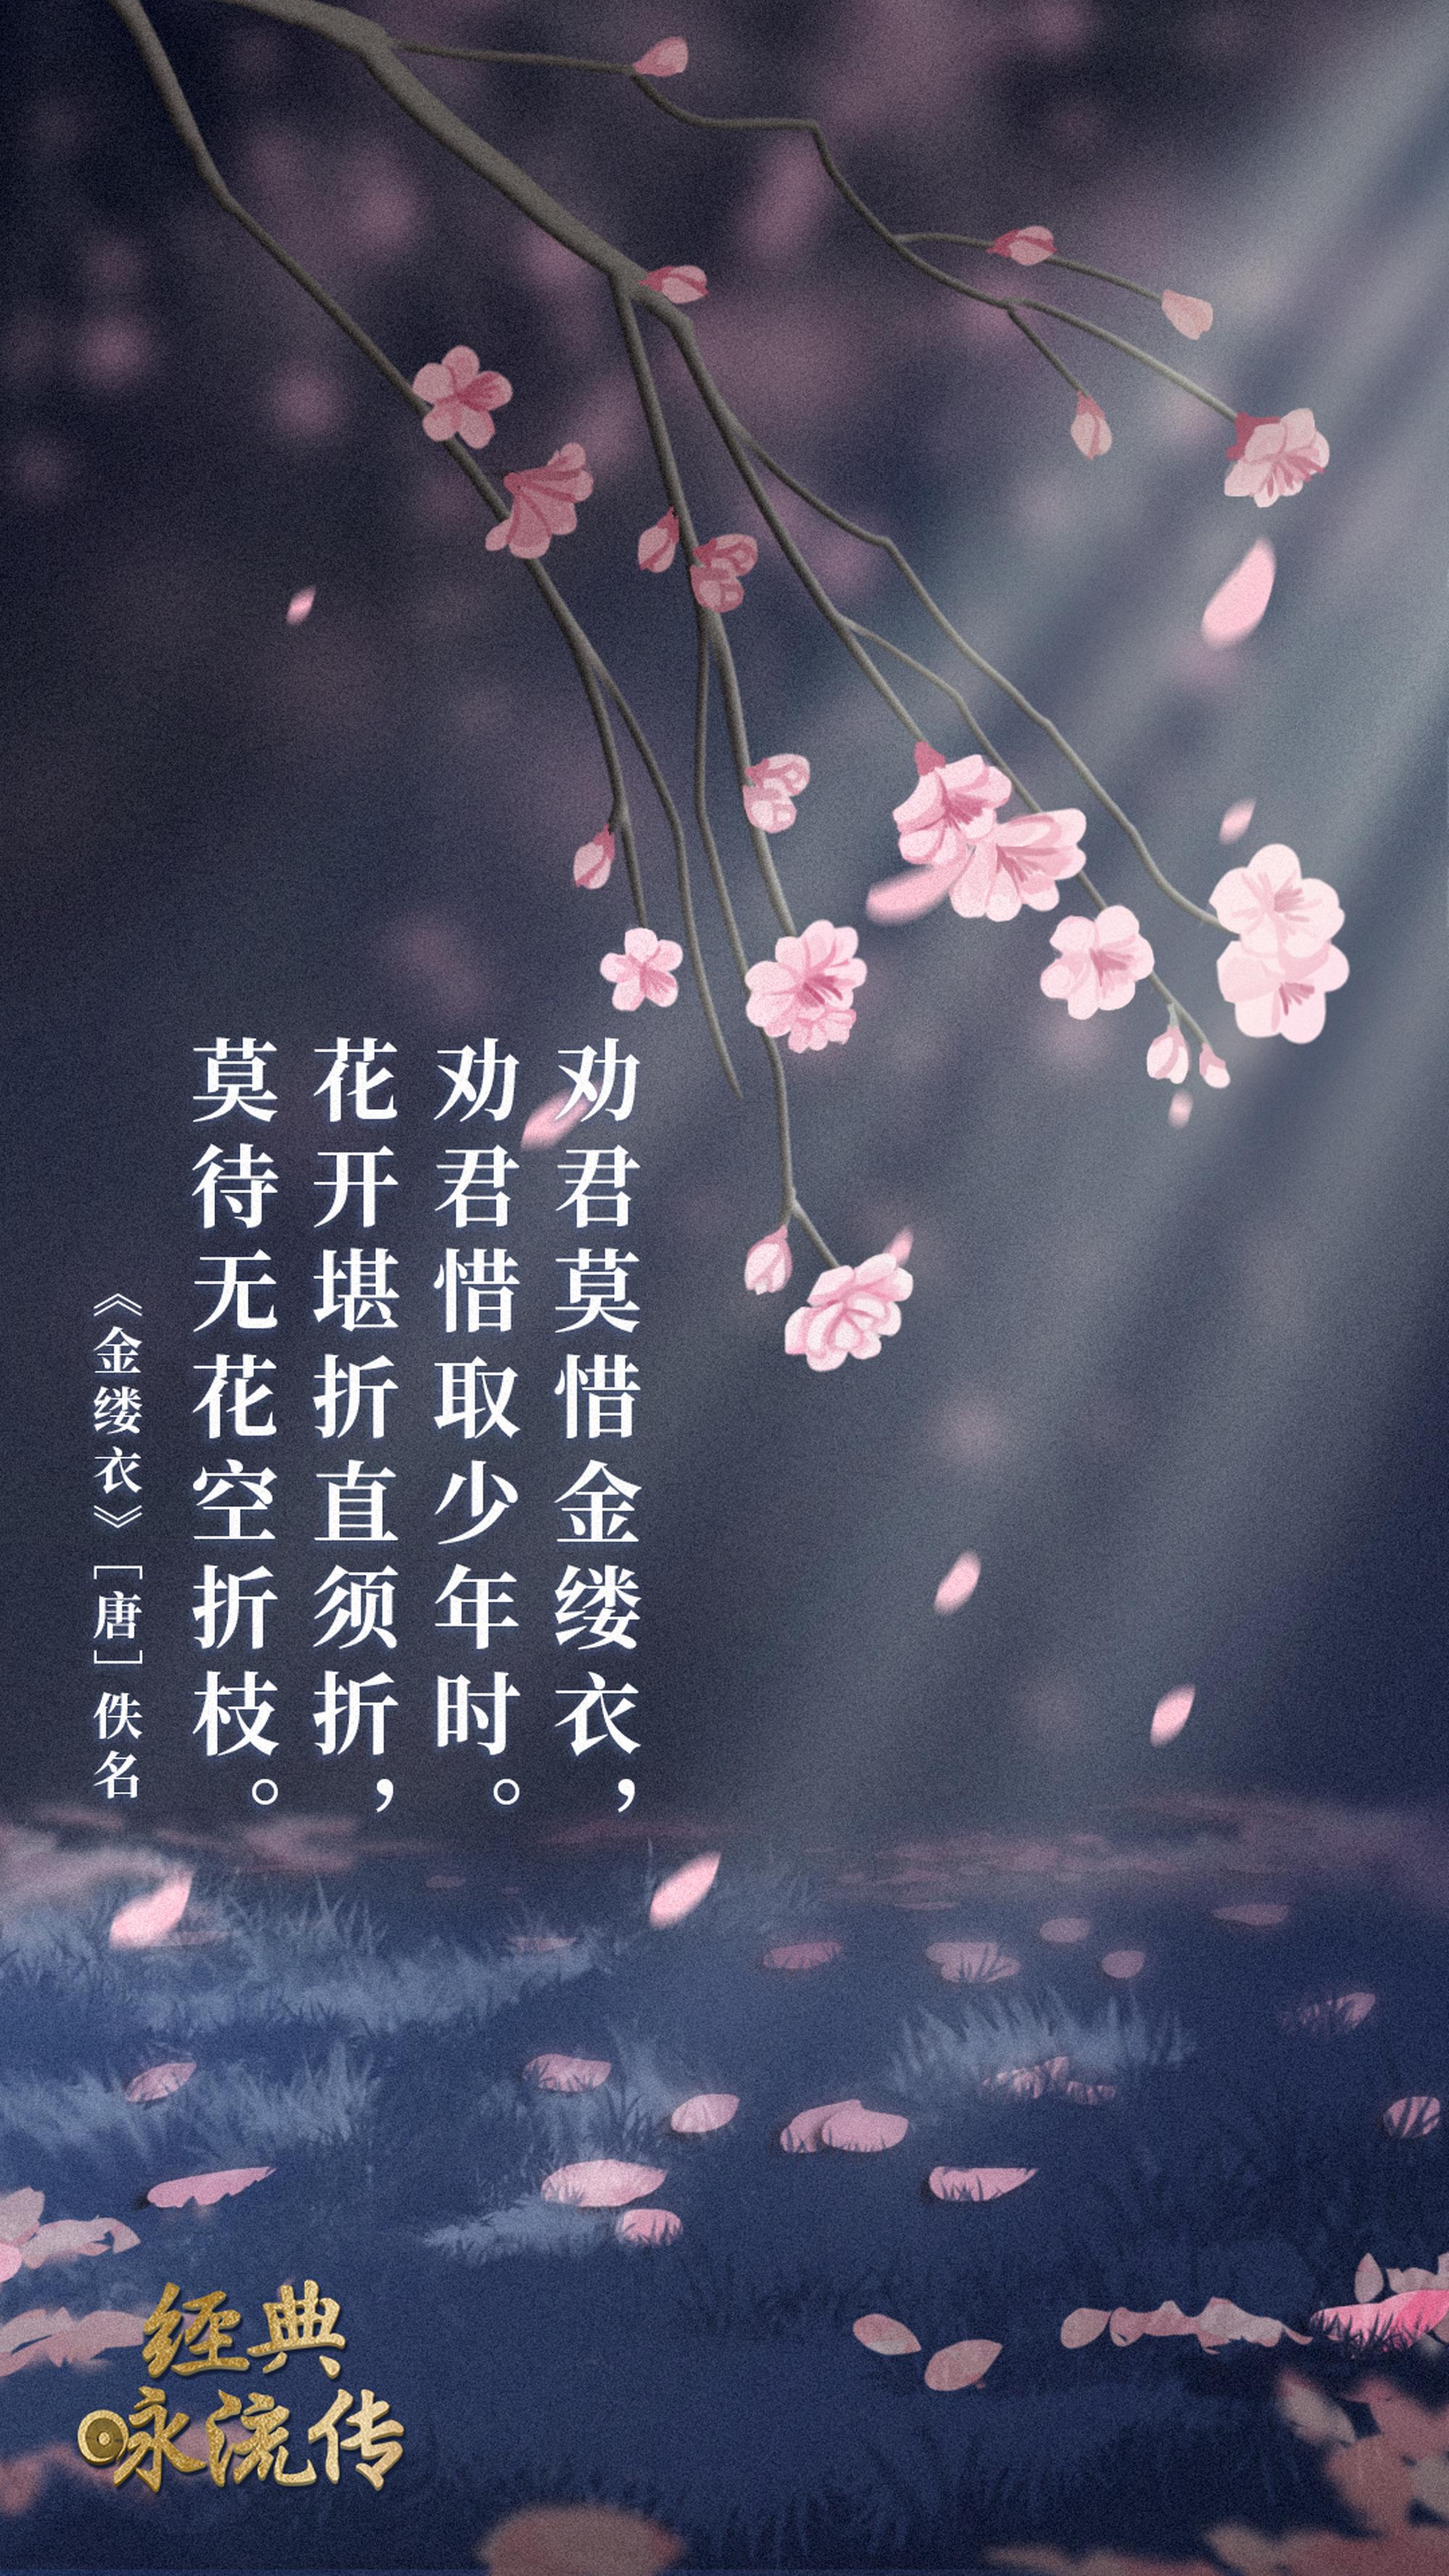 《经典咏流传》诗词意境海报合集 欣赏-第11张